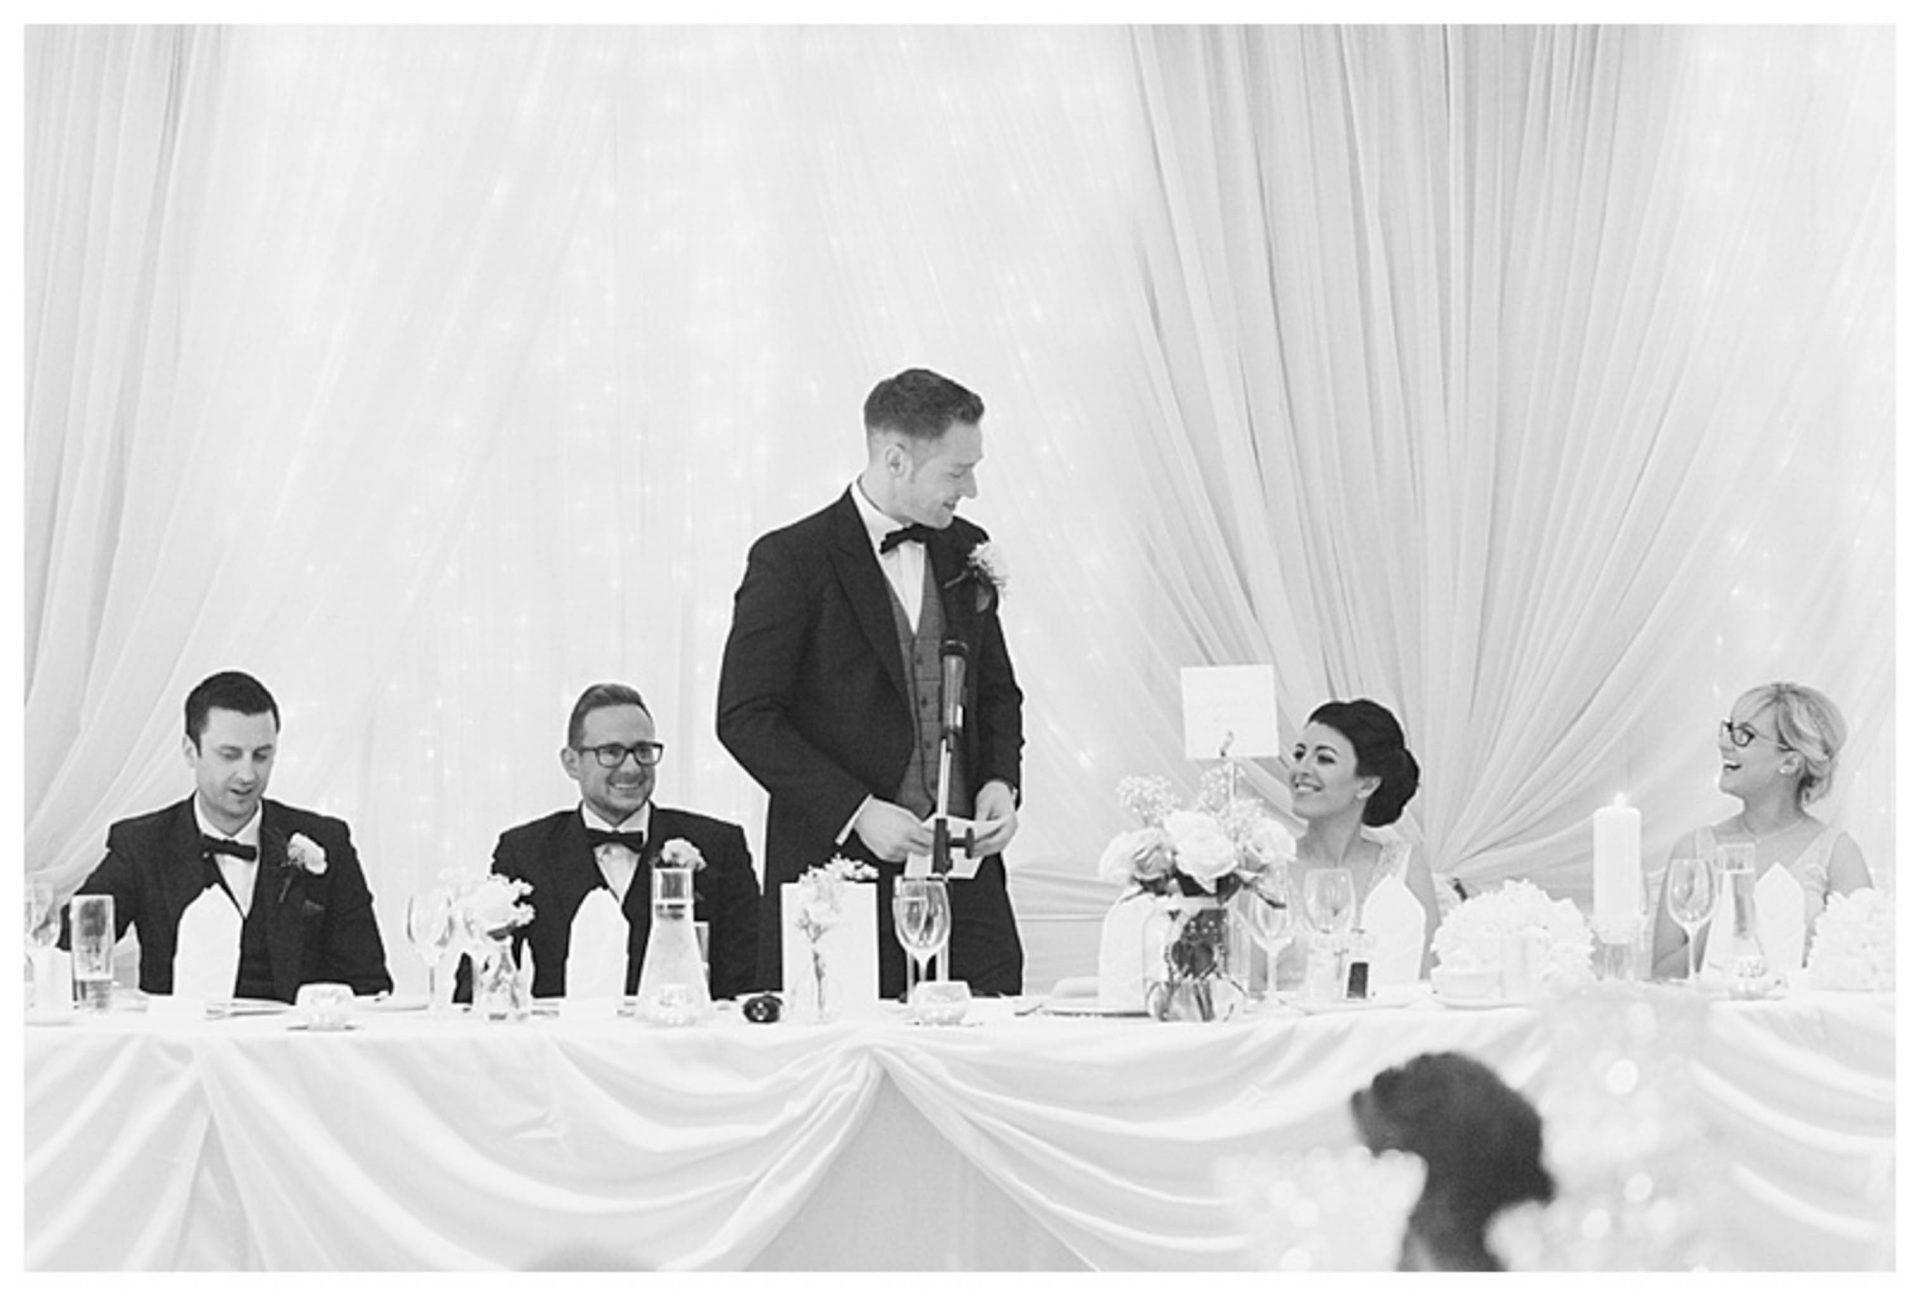 Slieve Donard Wedding Danielle & Glenn by Ricky Parker Photography-58